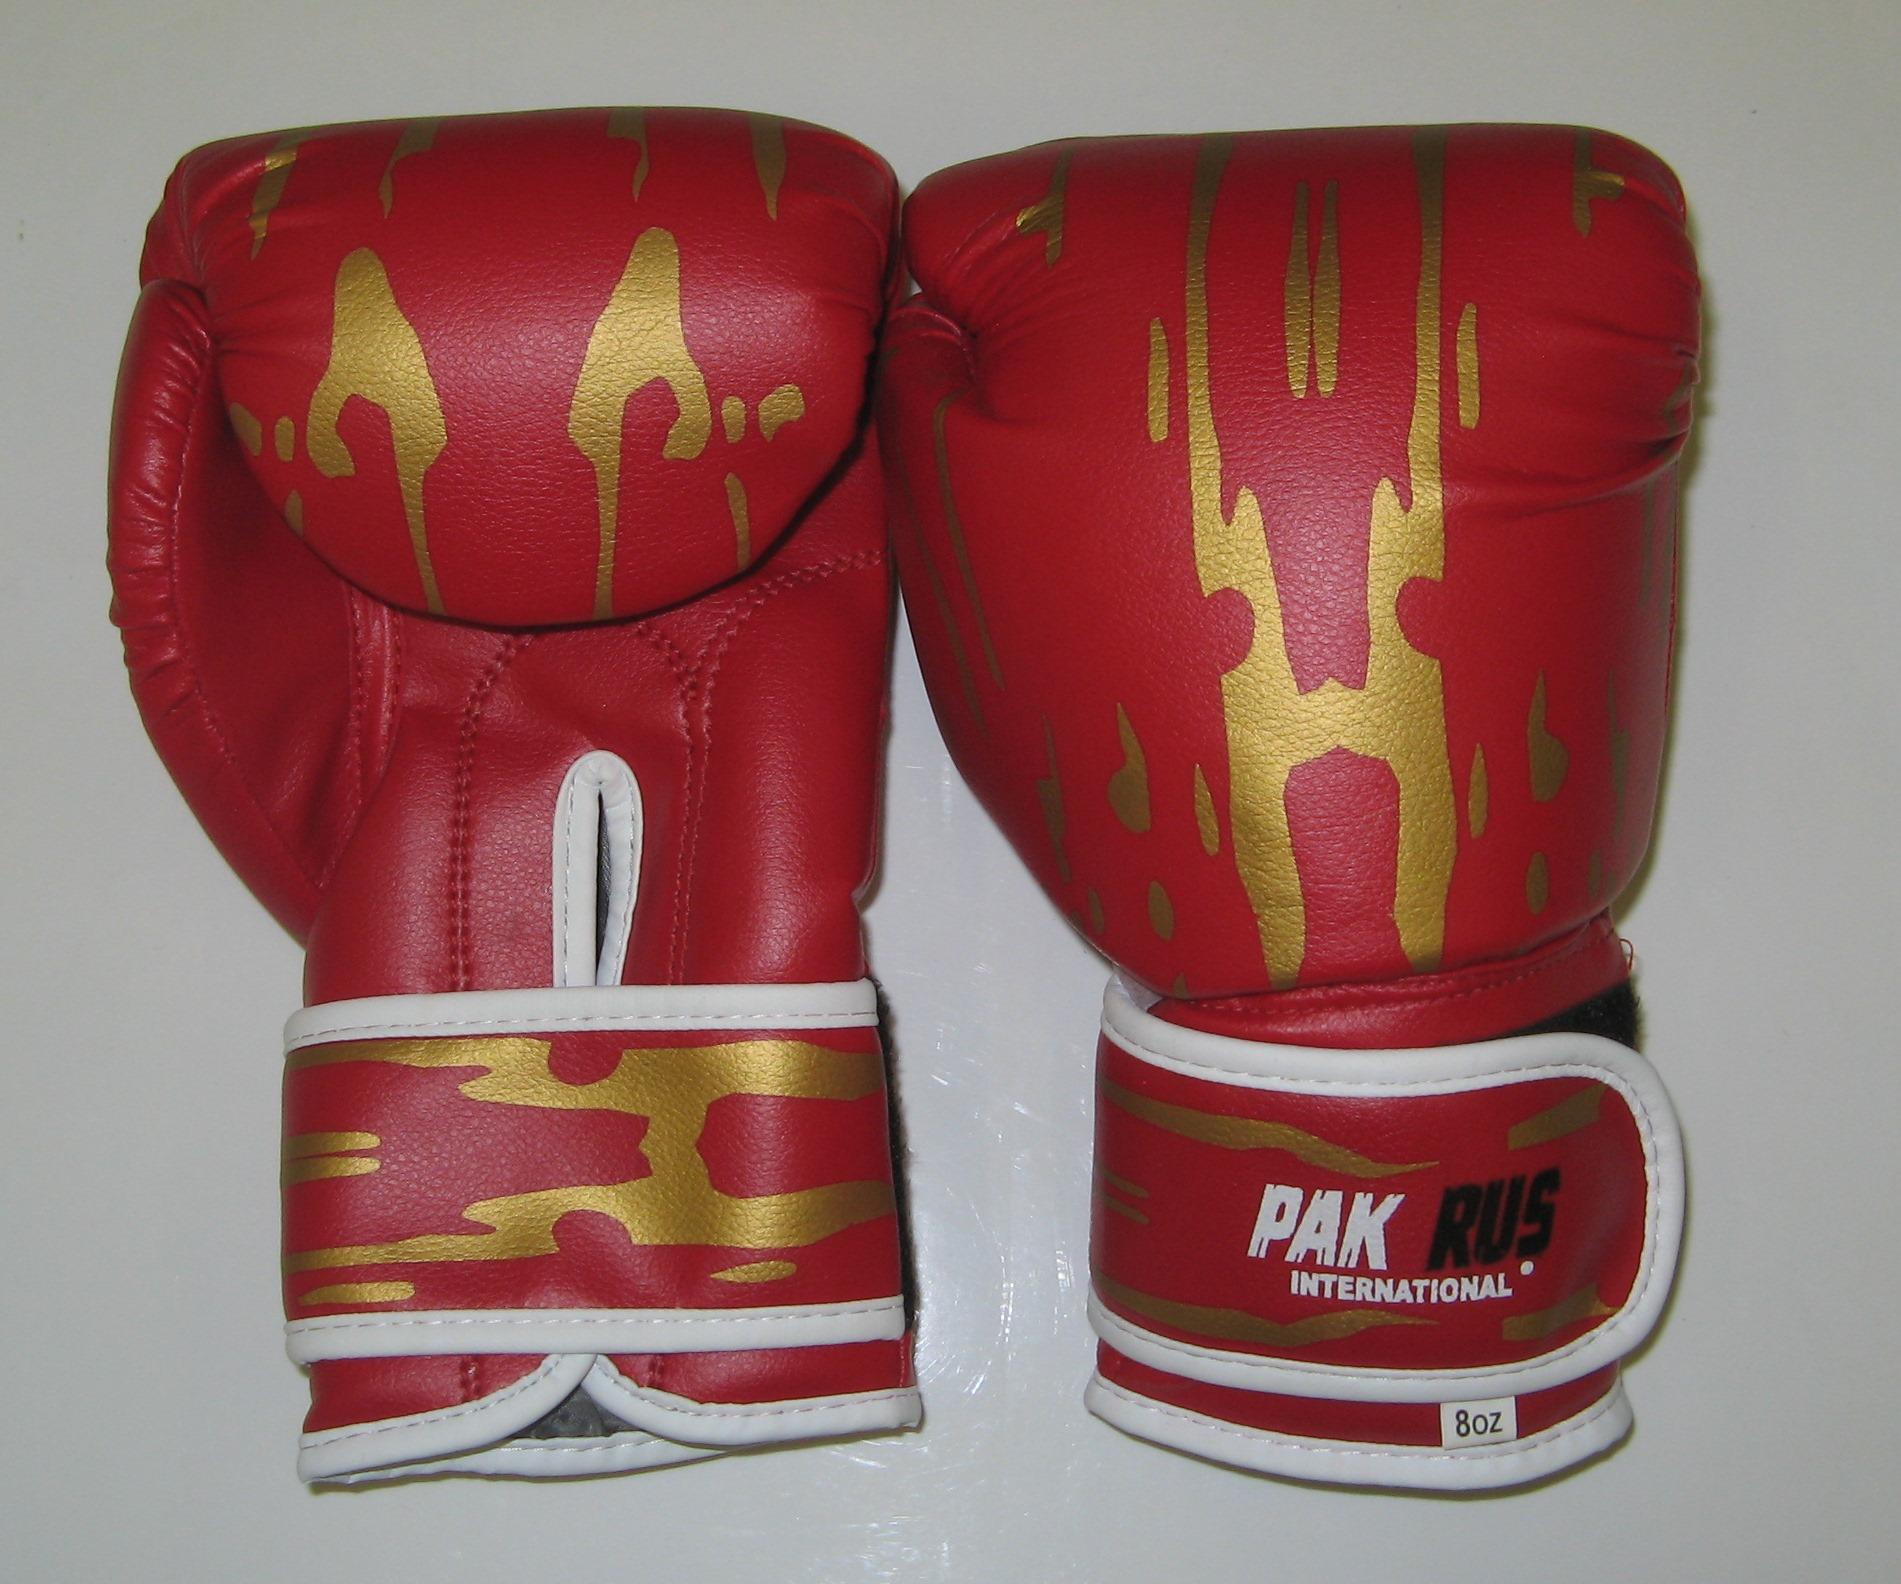 Перчатки боксерские Pak Rus, искусственная кожа, 4 OZ, PR-11-015 - артикул: 800970392